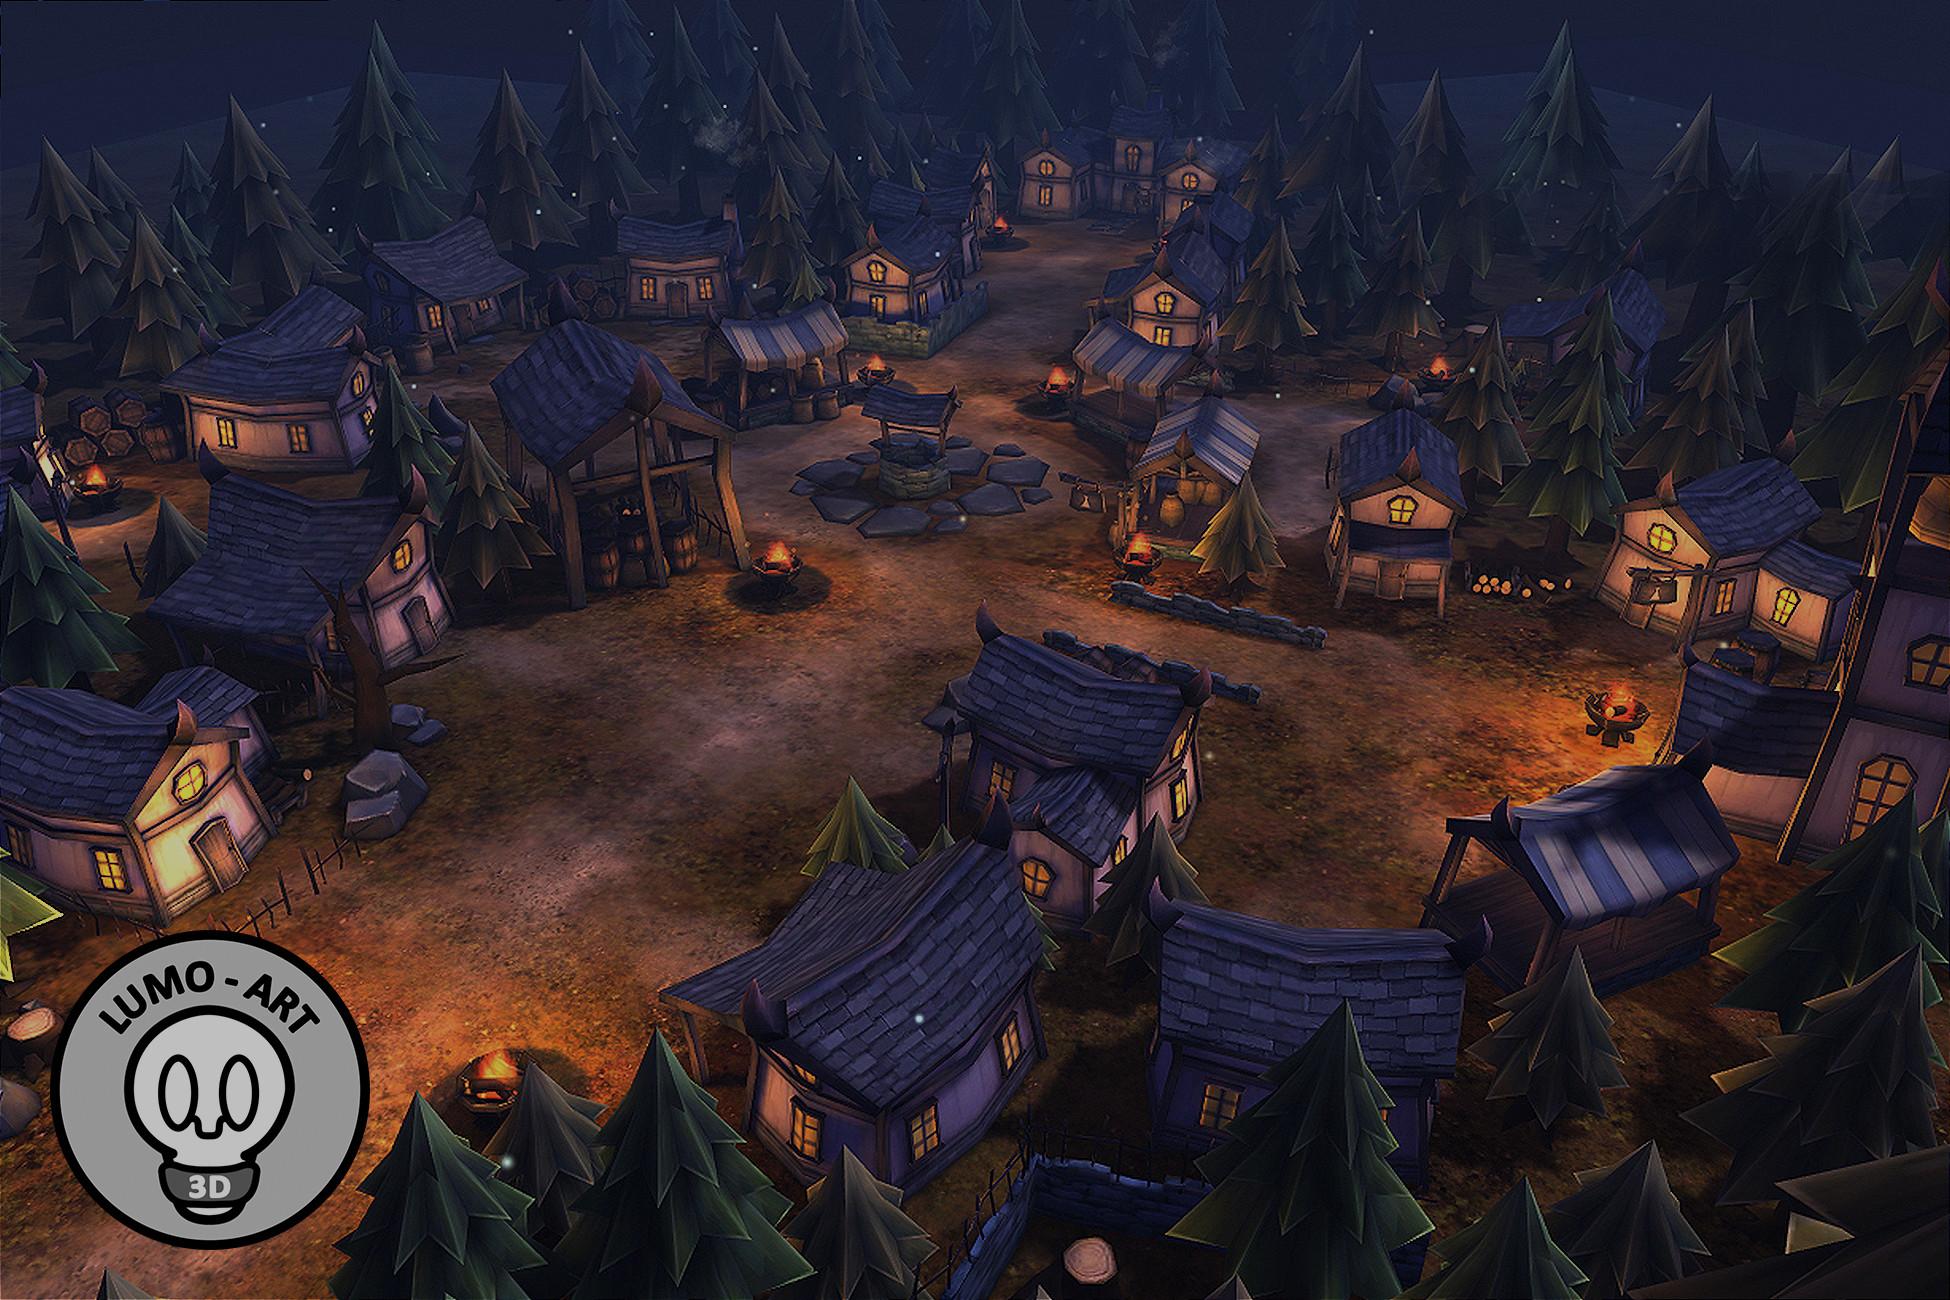 Medieval Cartoon Village Pack - VR/Mobile